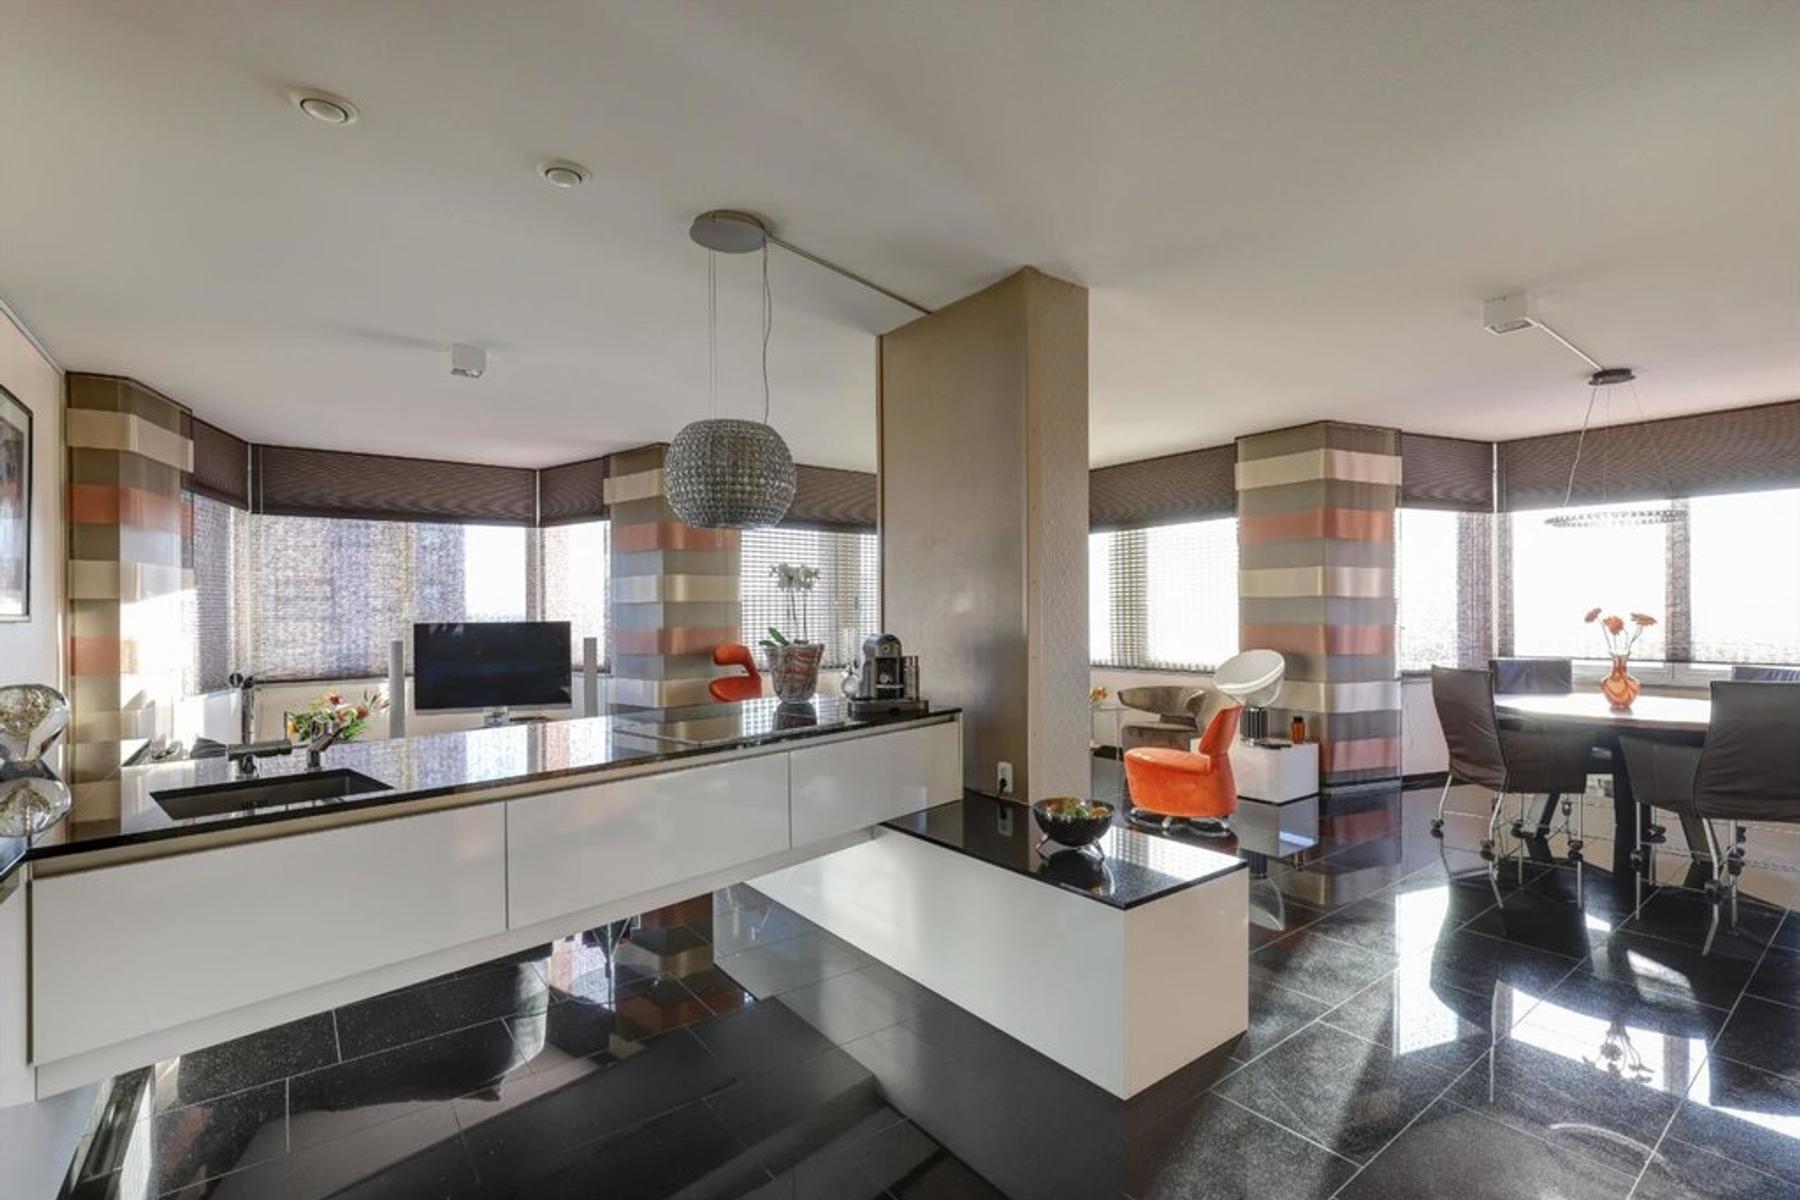 Botersloot 385 in Rotterdam 3011 HE: Appartement. - Estate Makelaar